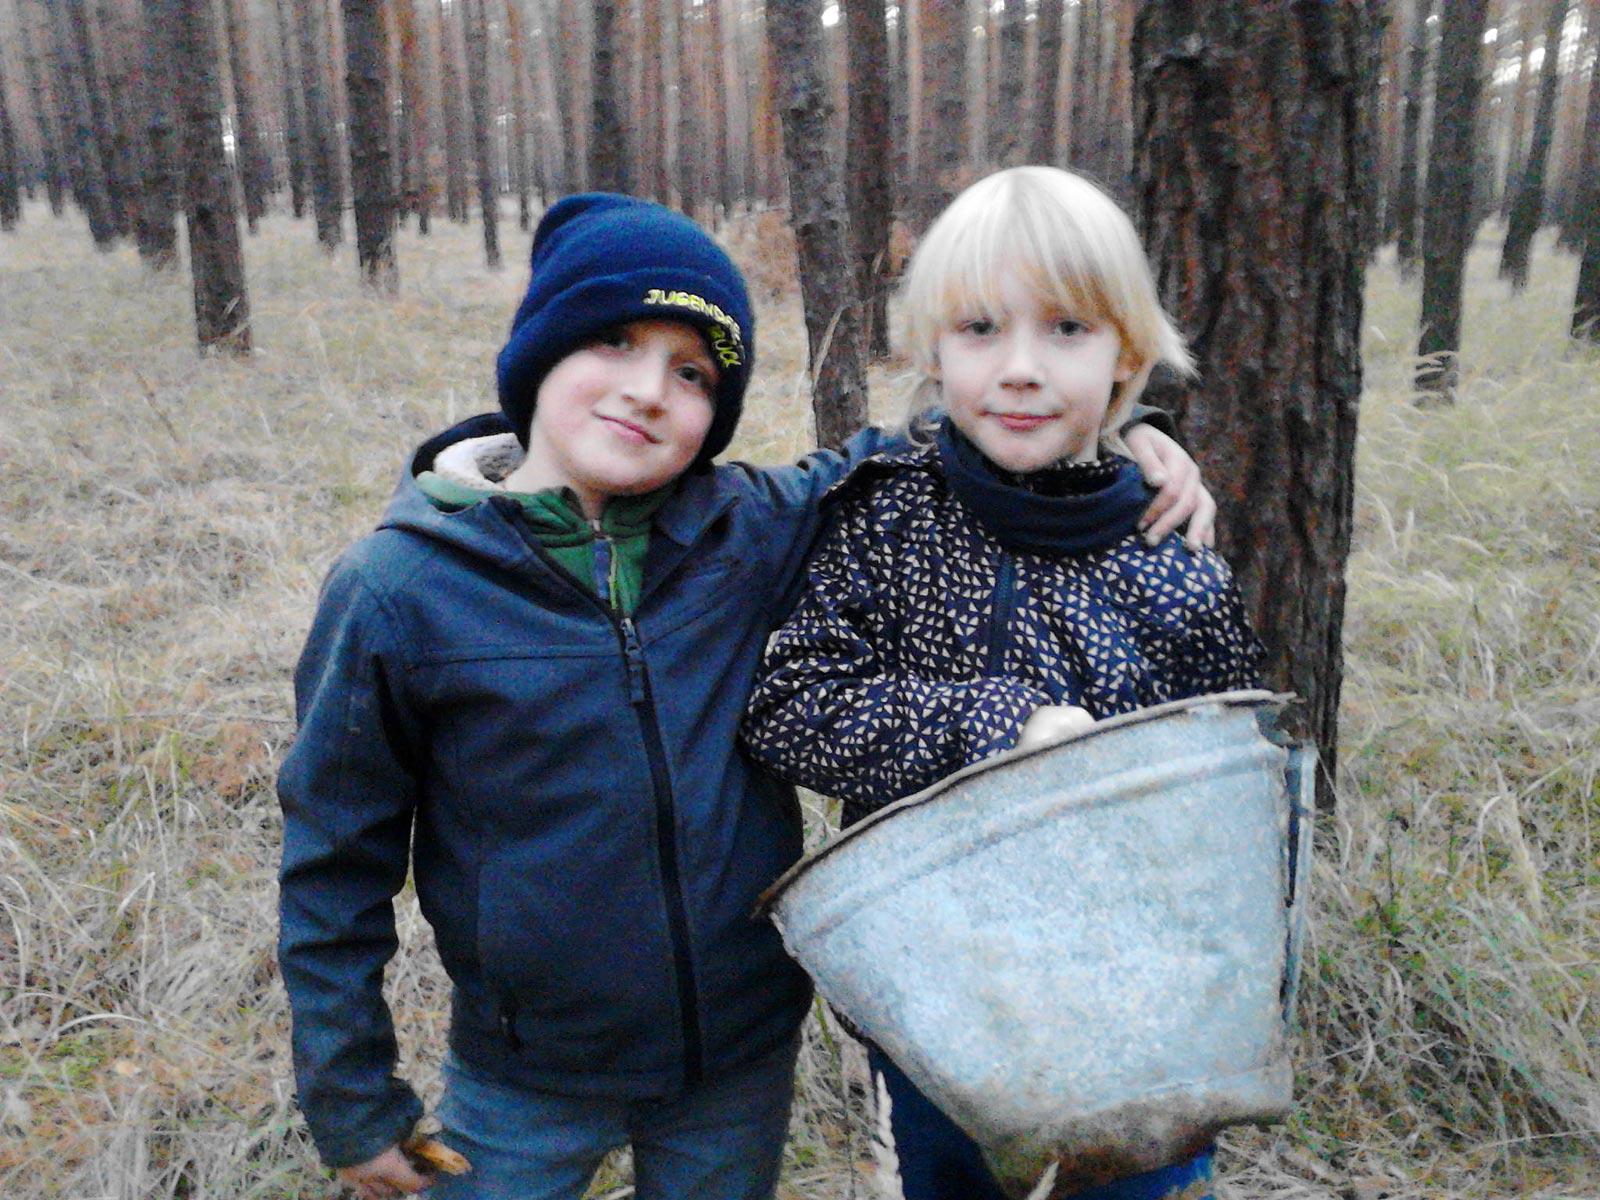 Müll wird geborgen - Baooms, die Pfadfinder von Brück